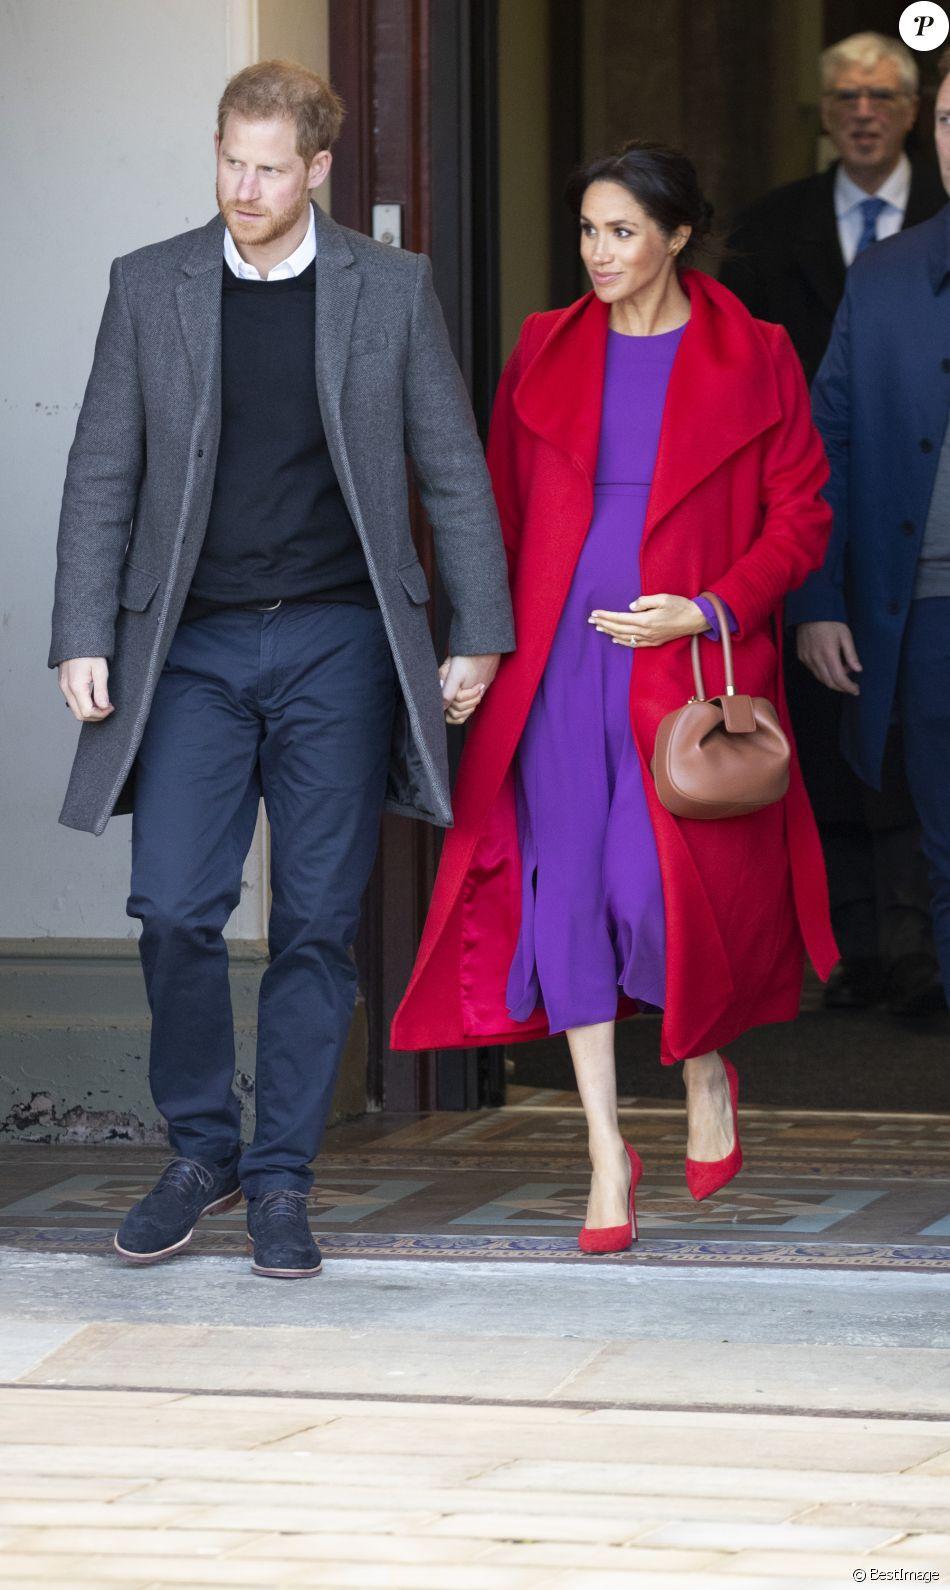 Le prince Harry, duc de Sussex, et Meghan Markle, duchesse de Sussex en visite dans la ville de Birkenhead, ici au square Hamilton le 14 janvier 2019.